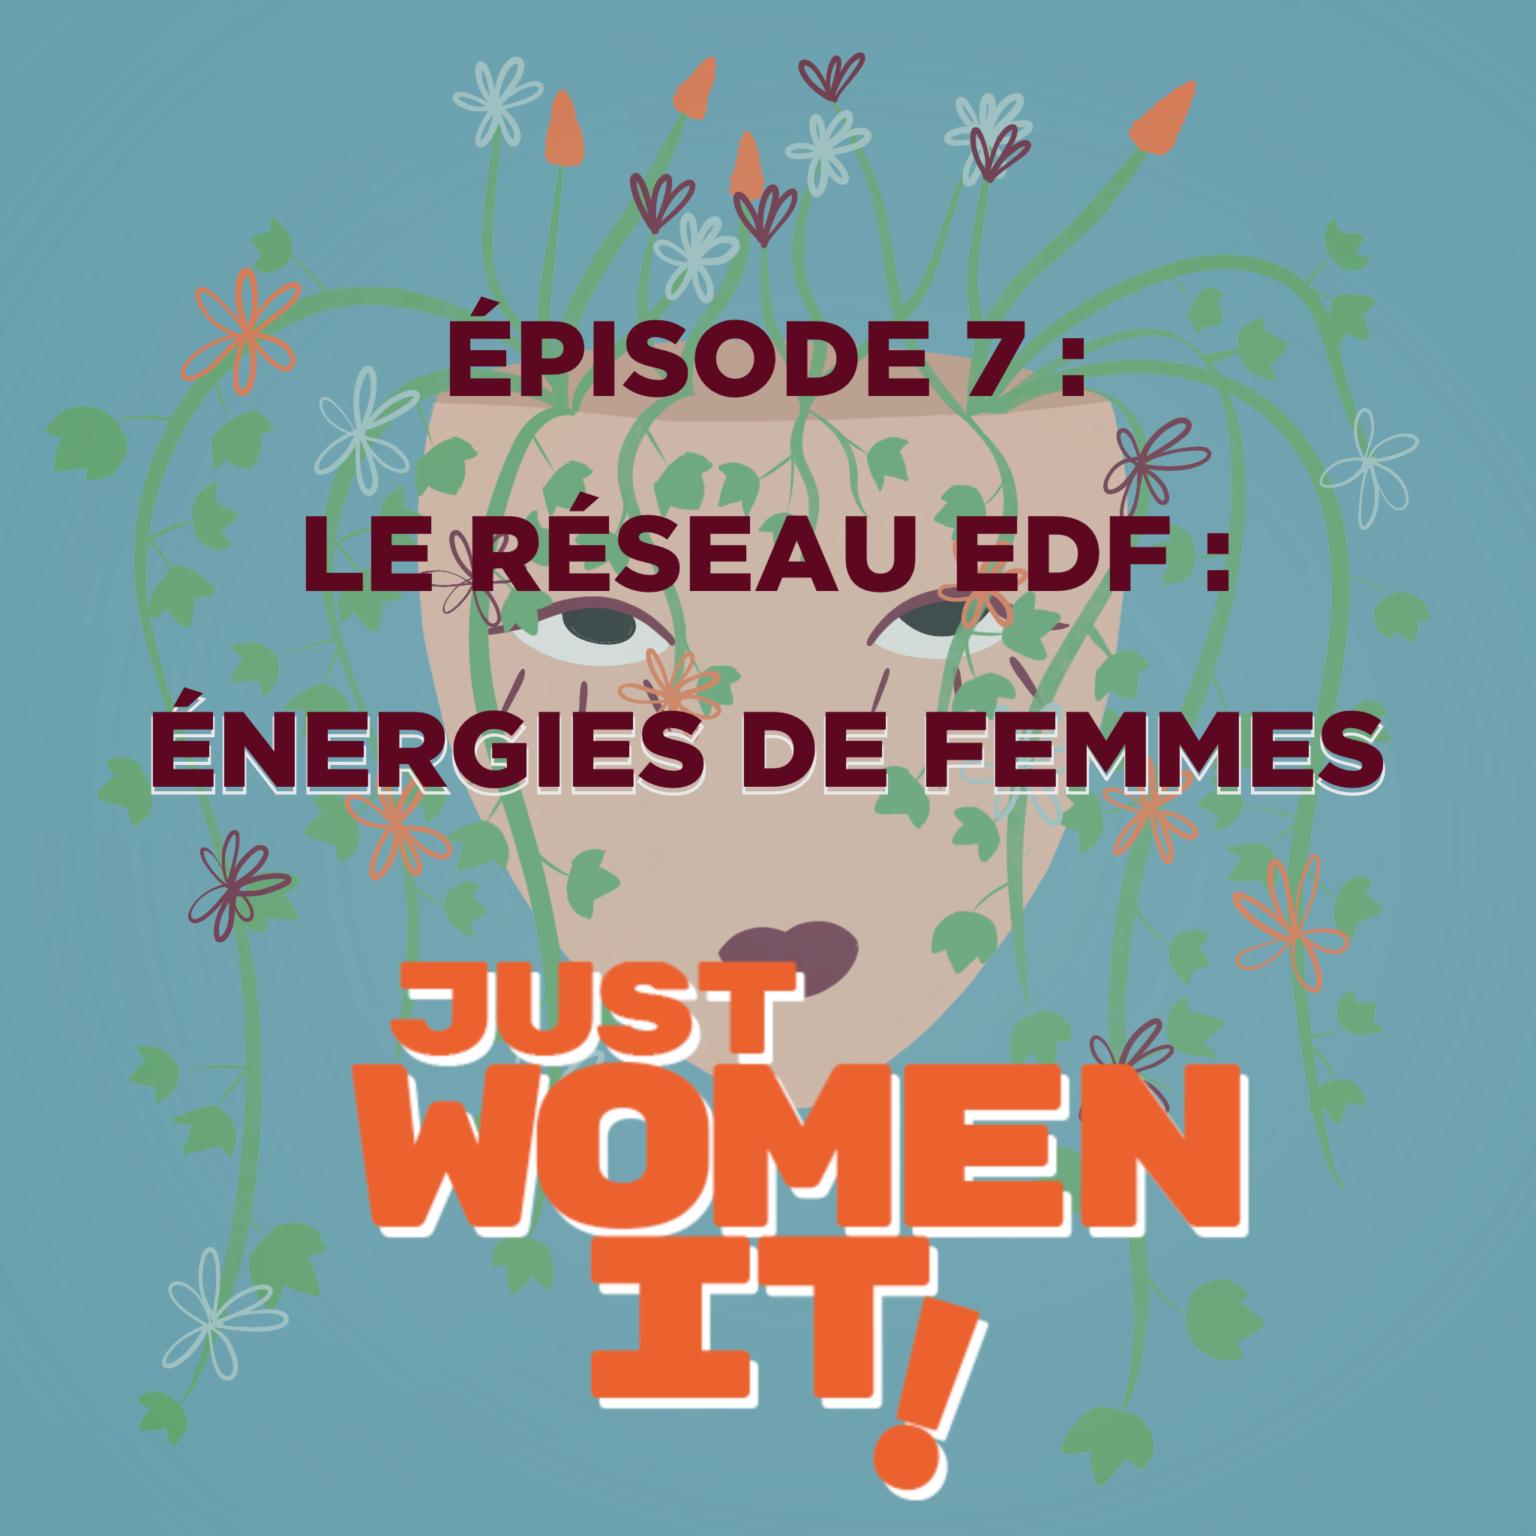 Réseau Energies de Femmes